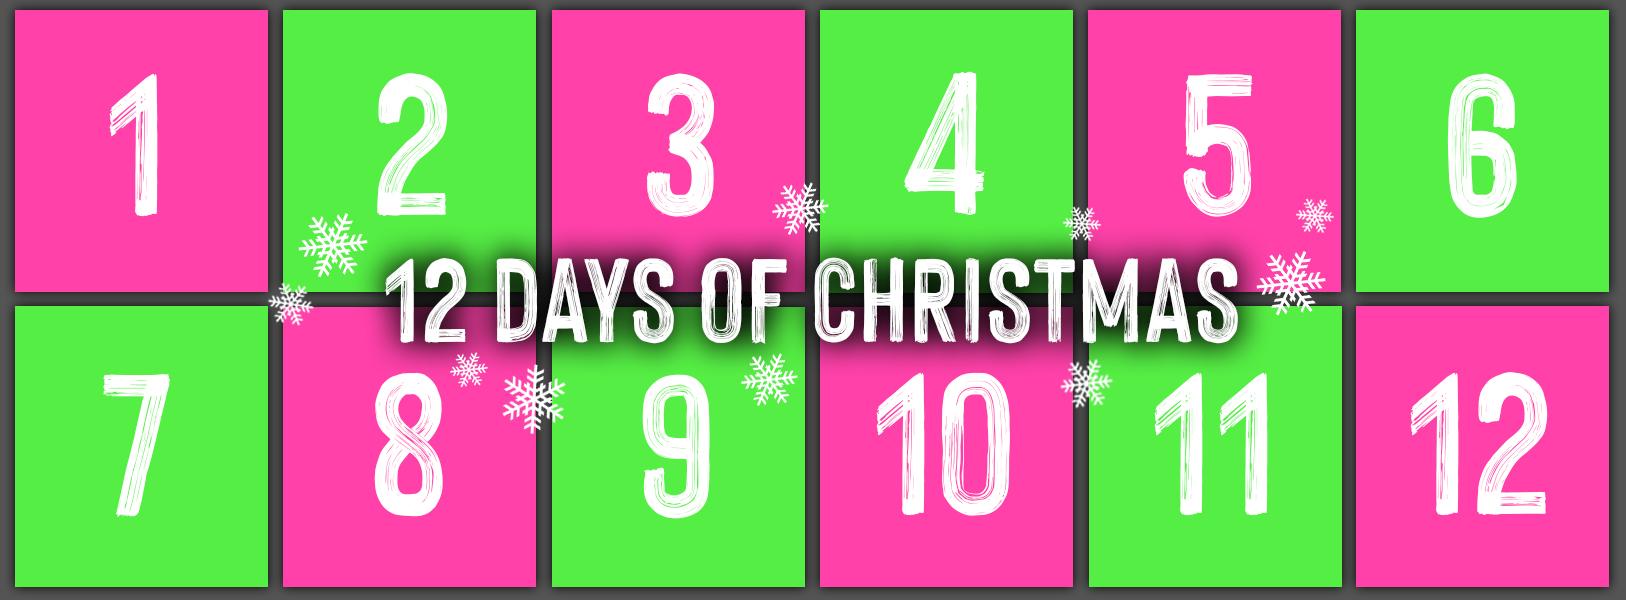 12 Days of Xmas LP image